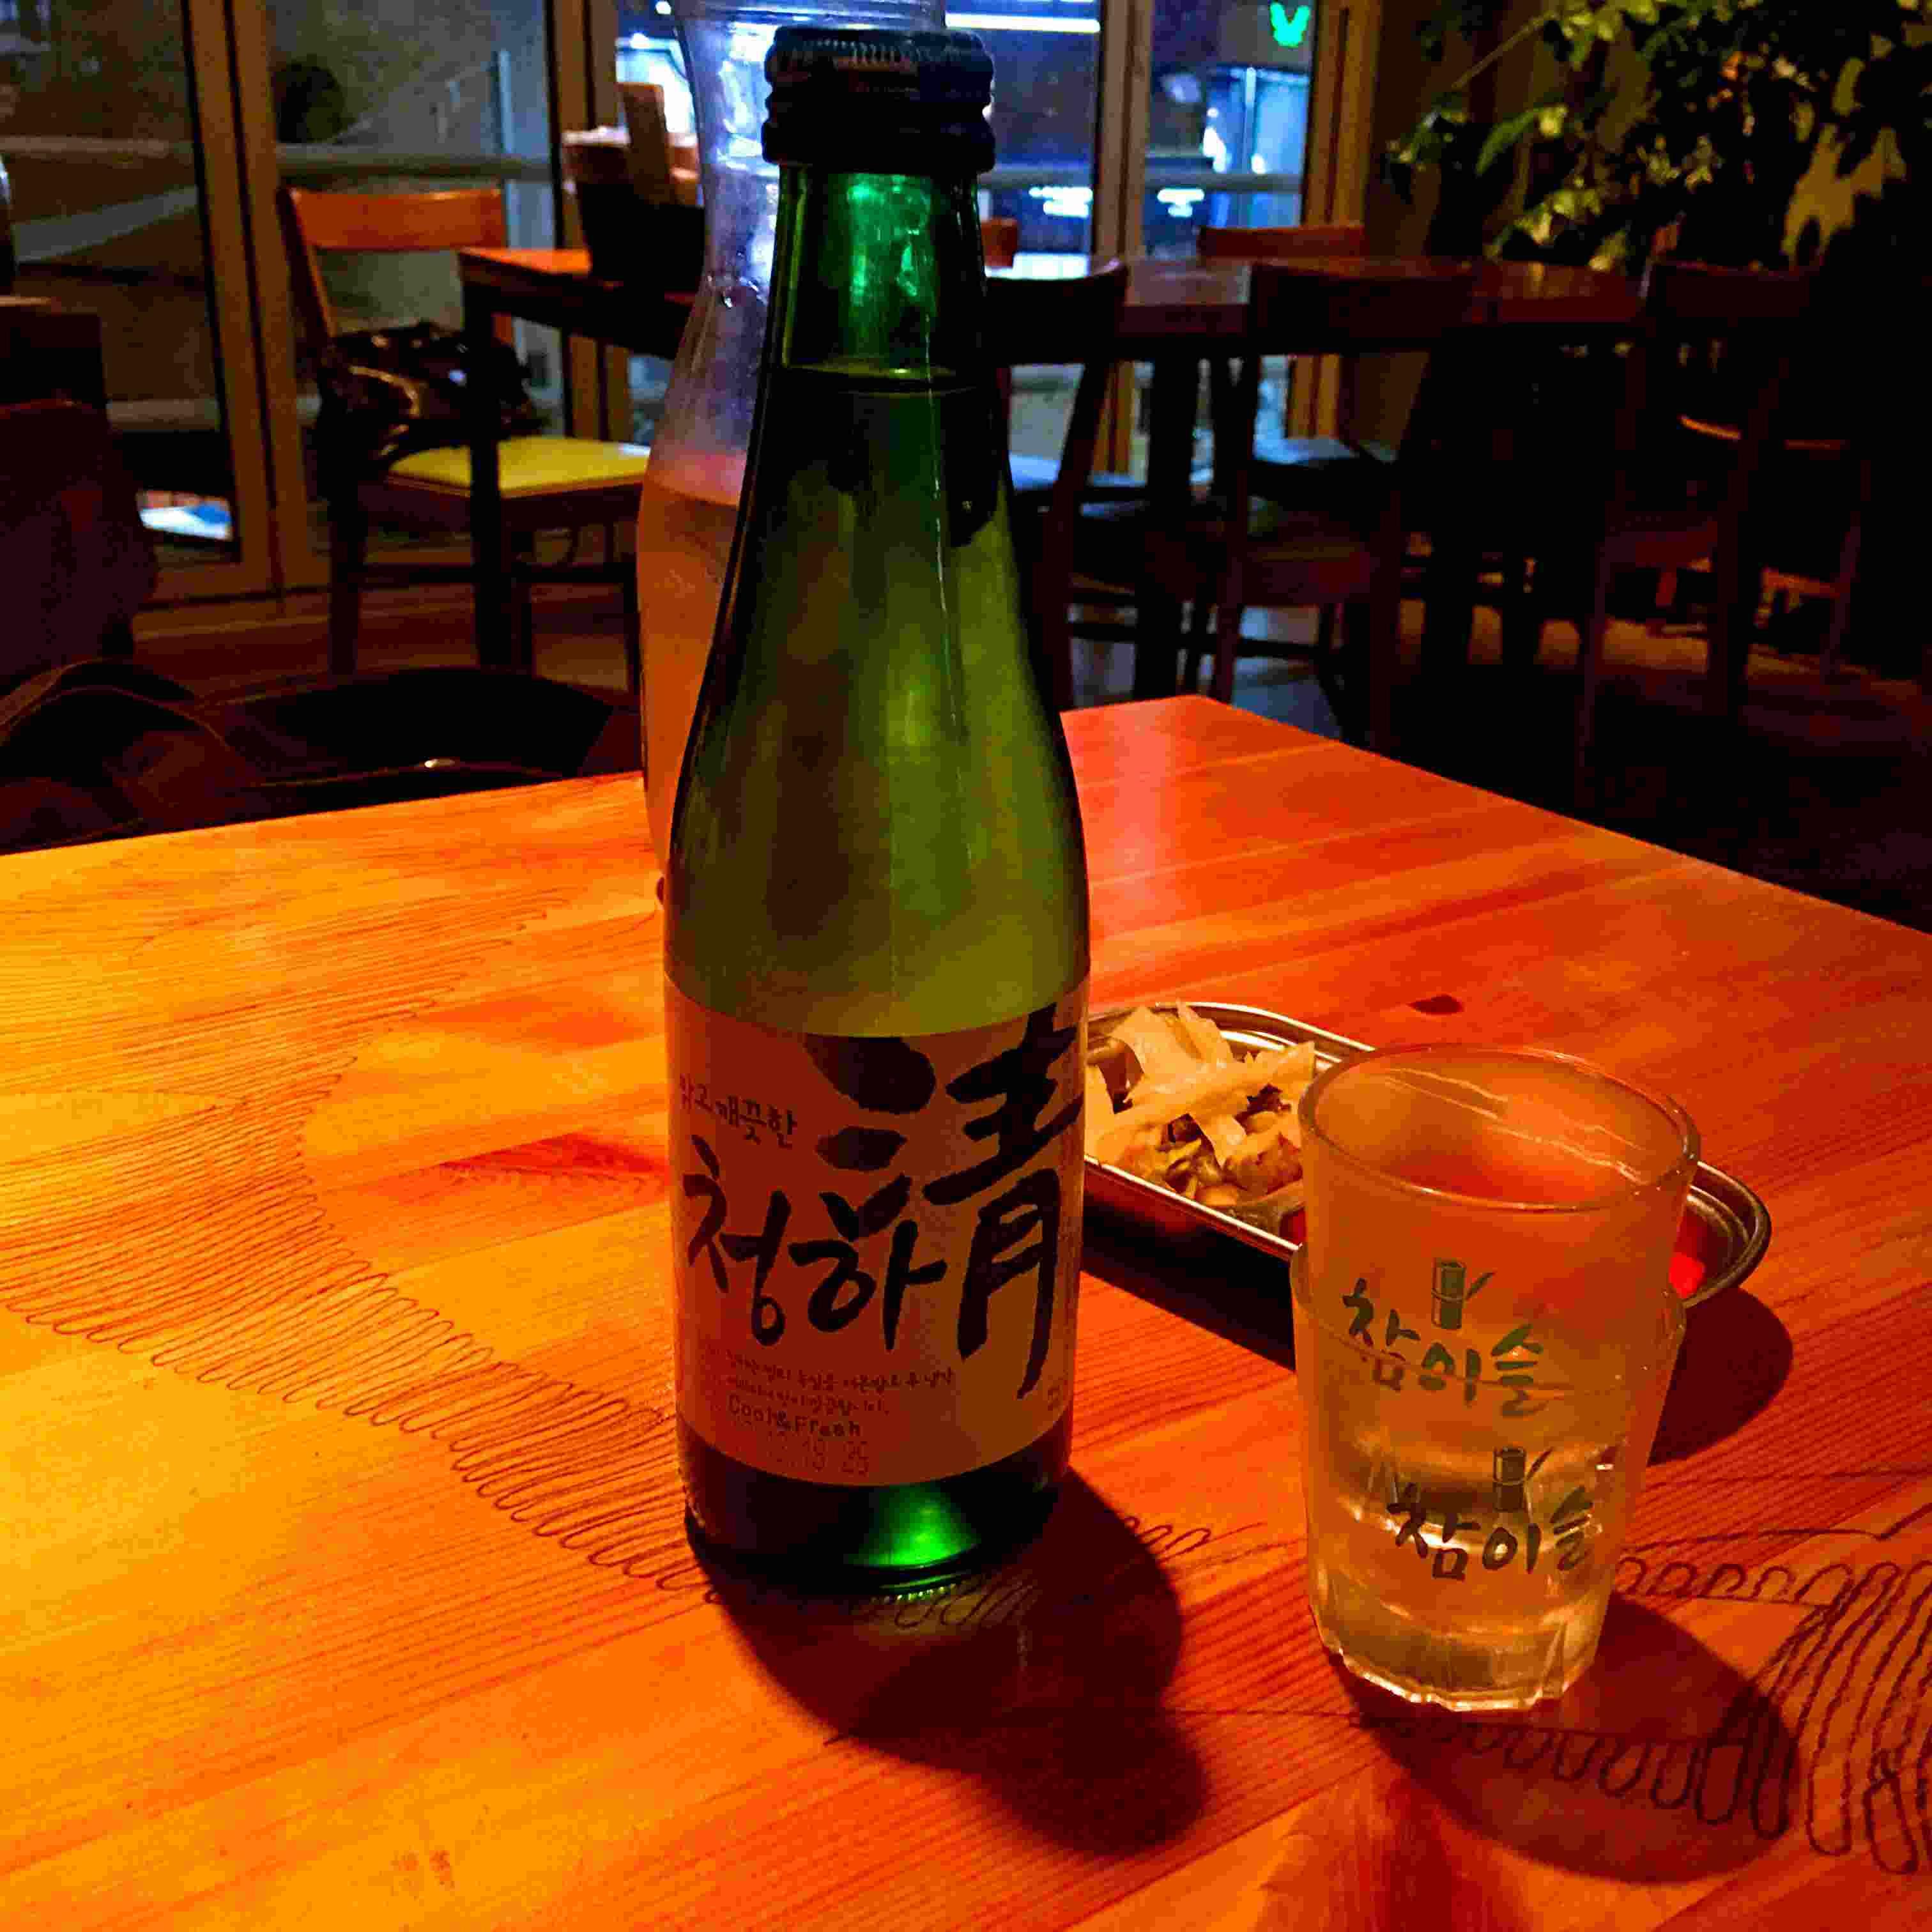 韓國人主要喝燒酒,啤酒或者米酒。小編這次選了不是特別常見的「清夏」,屬於清酒。而且以前看《produce 101》的時候小編最喜歡金請夏!因為和這款酒名字相同,粉絲給她起了「酒兒」這樣可愛的名字。